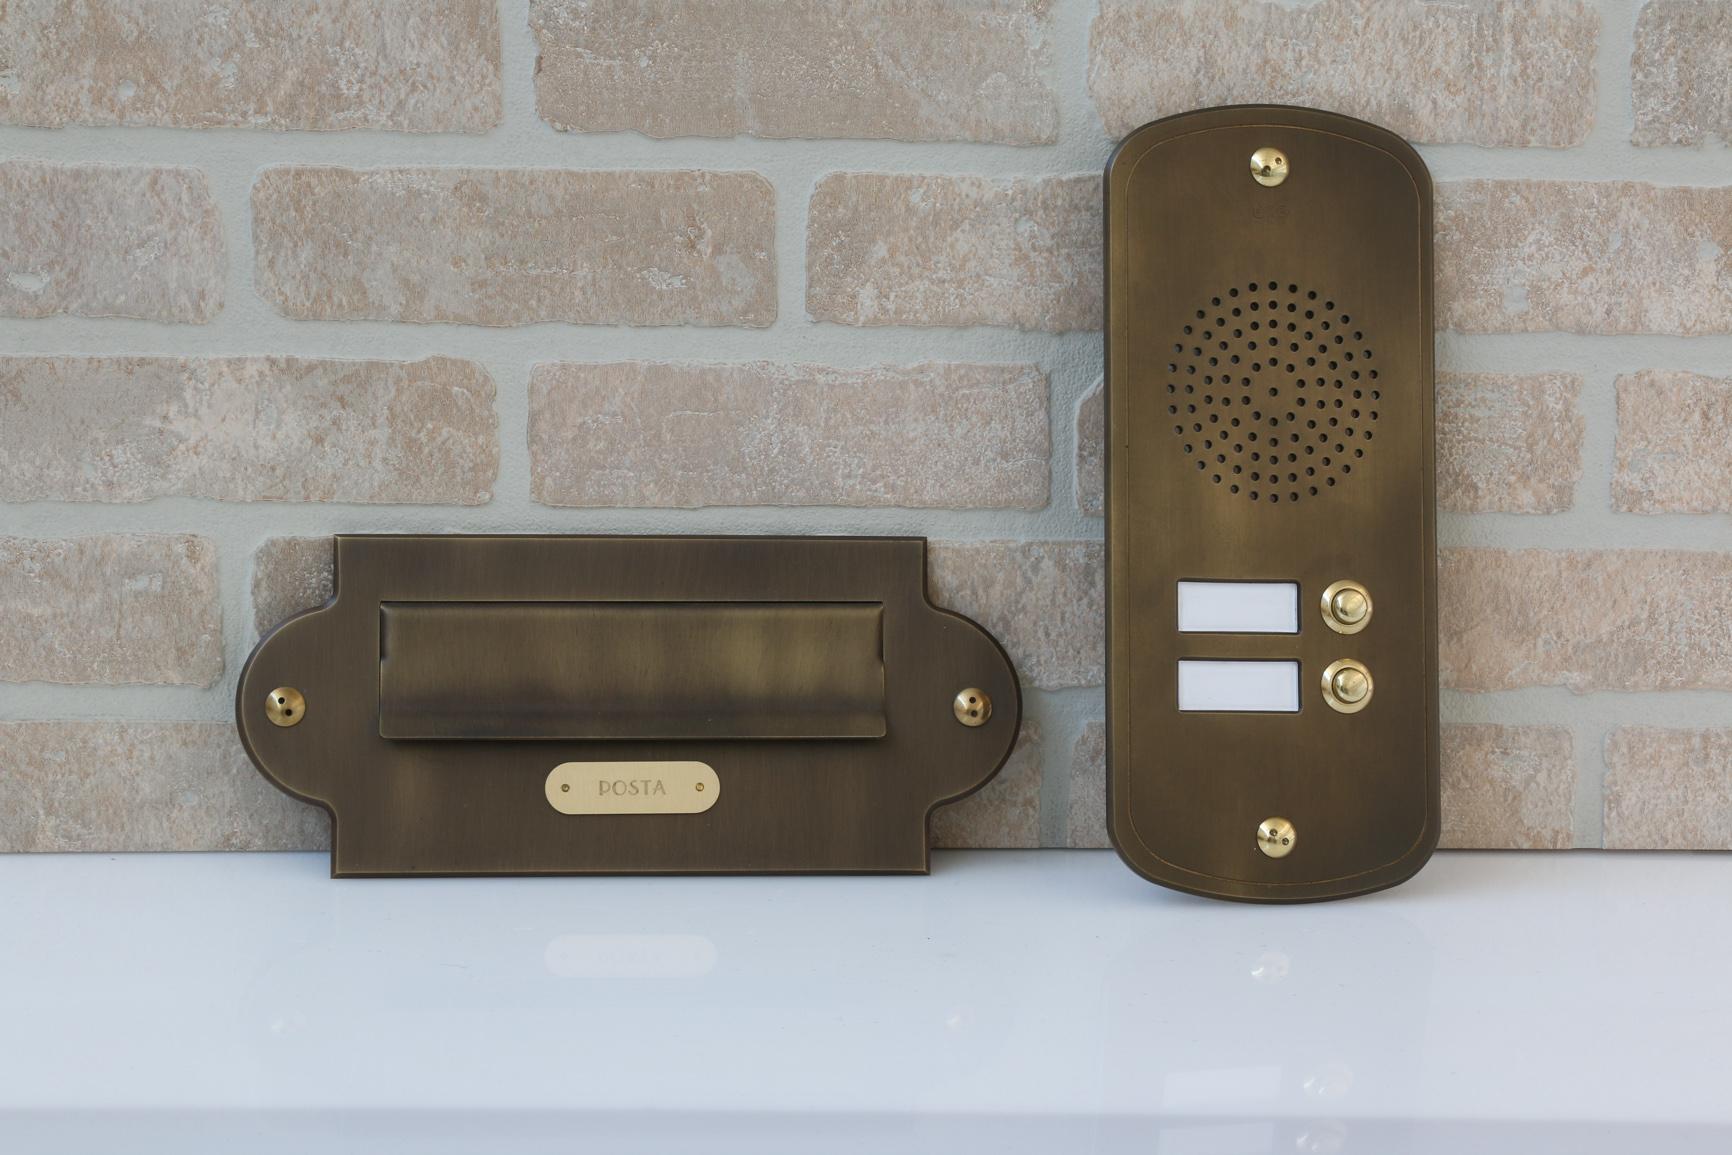 Citofono Esterno Moderno : Pbrbo pulsantiere per campanelli brevettate